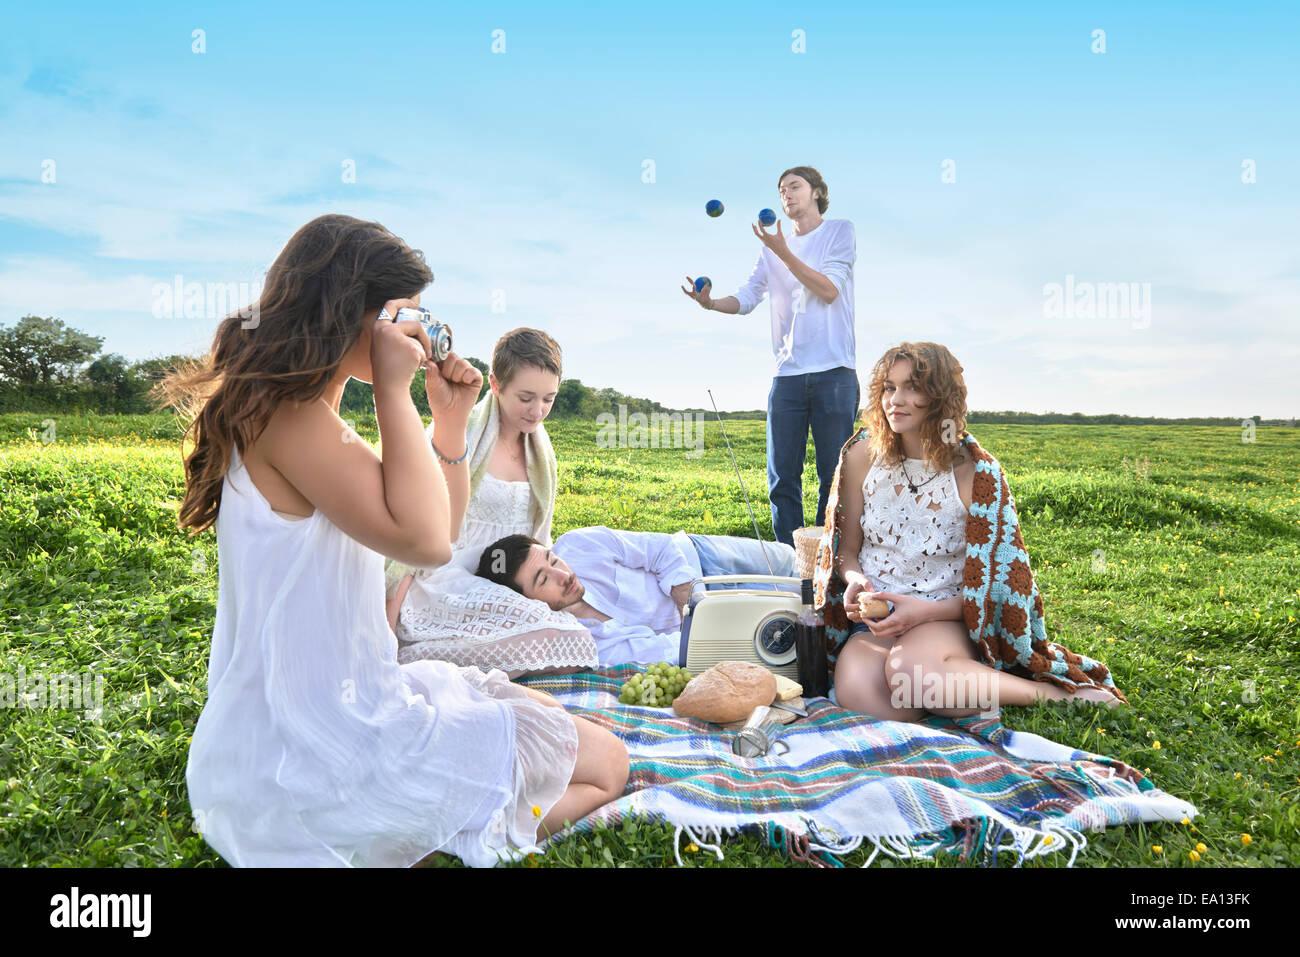 Un gruppo di giovani amici adulti aventi un picnic nel campo Immagini Stock